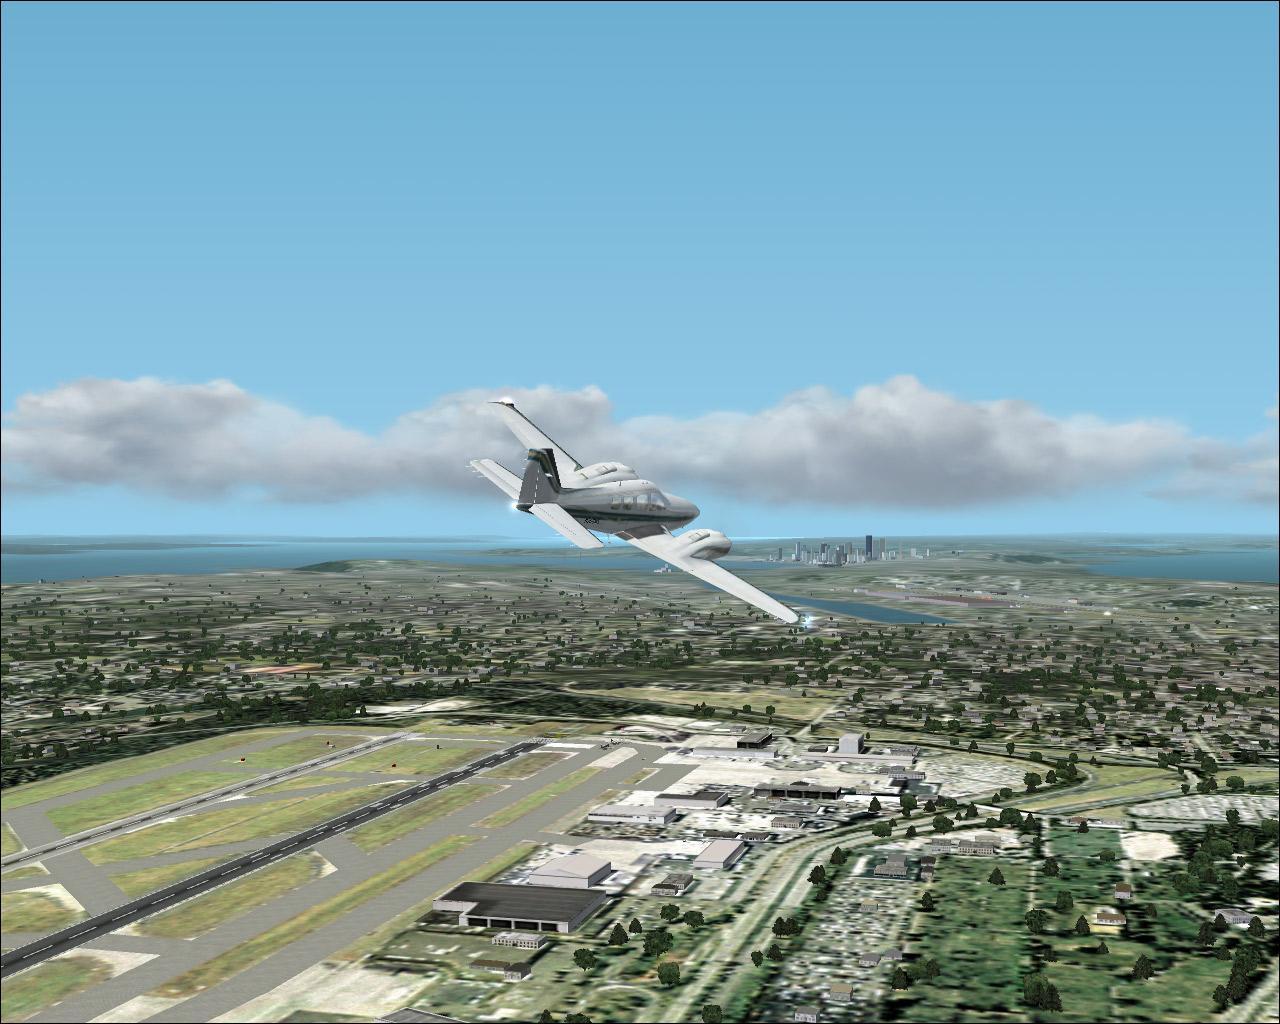 der zivilen Flugsimulationen empfehle ich den Flight Simulator 2002